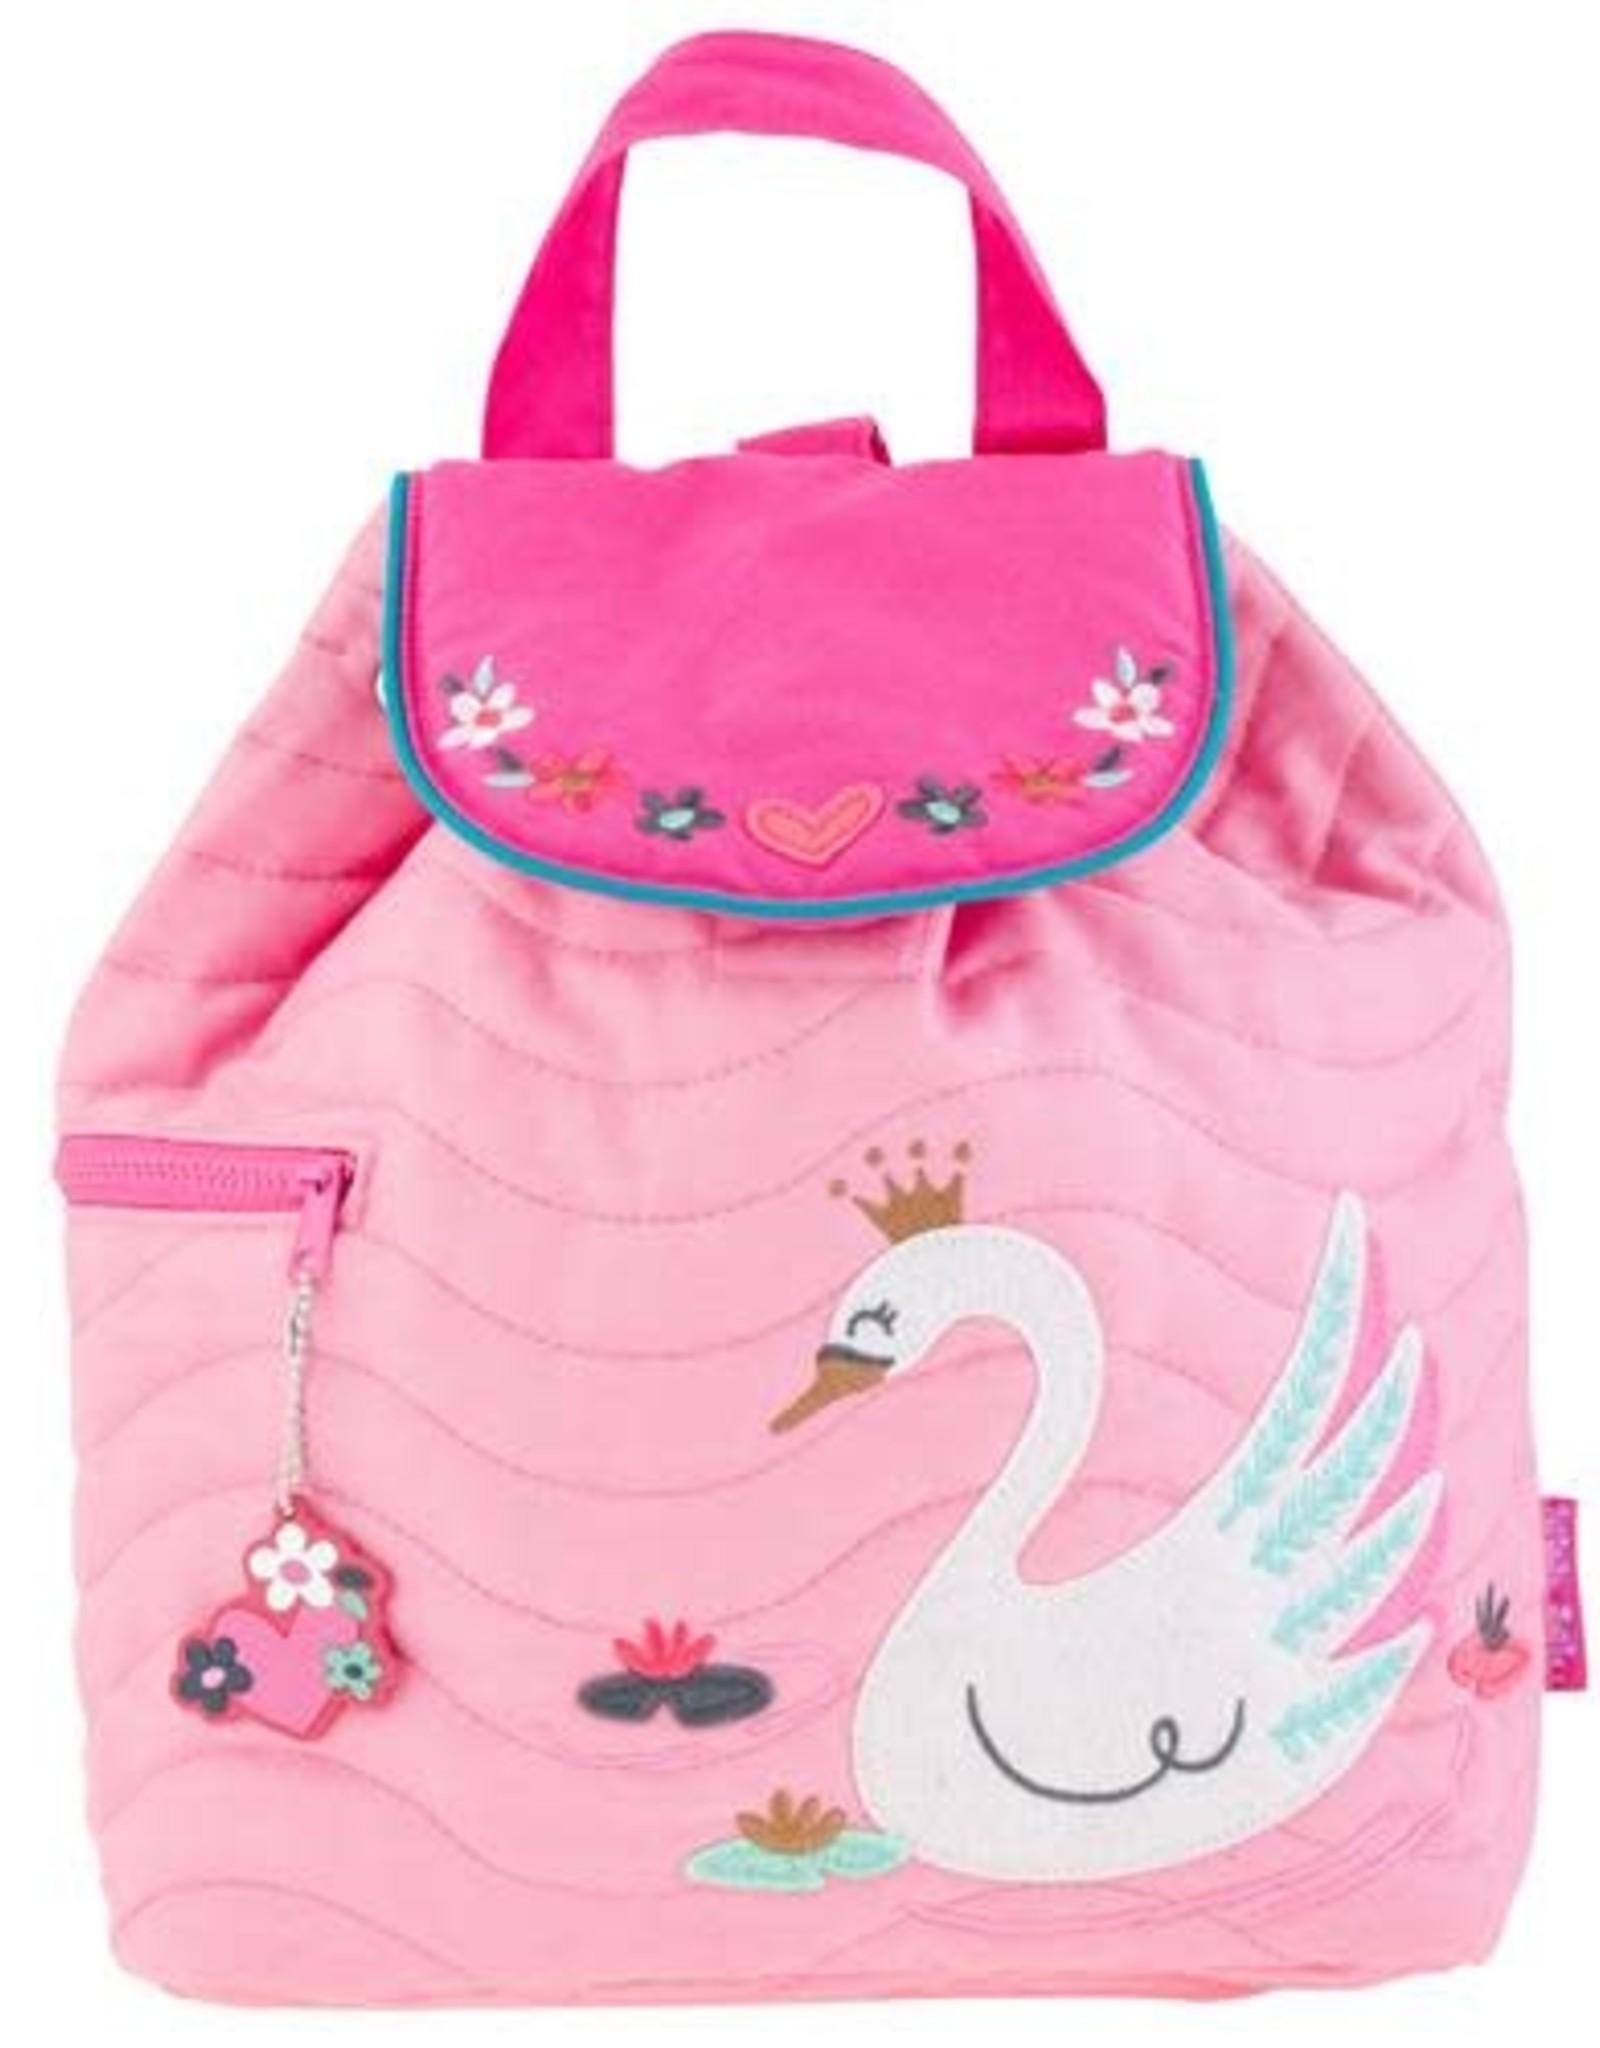 Stephen Joseph Backpack Swan